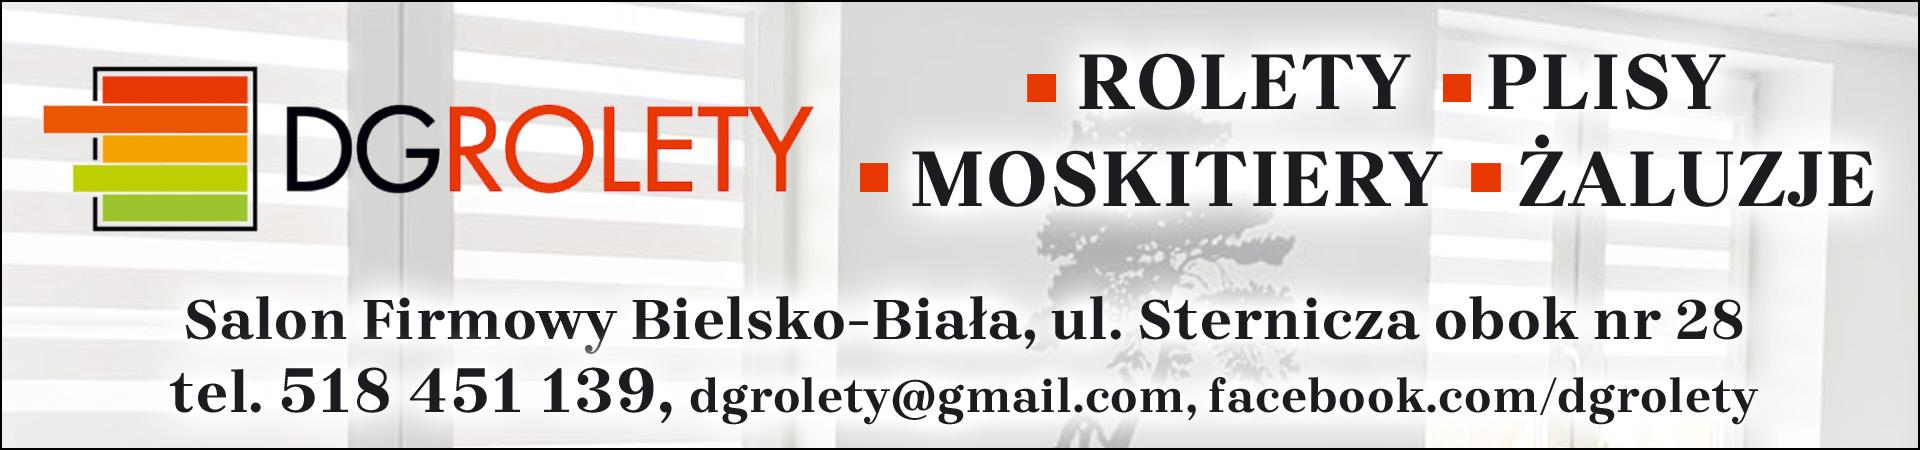 DG rolety